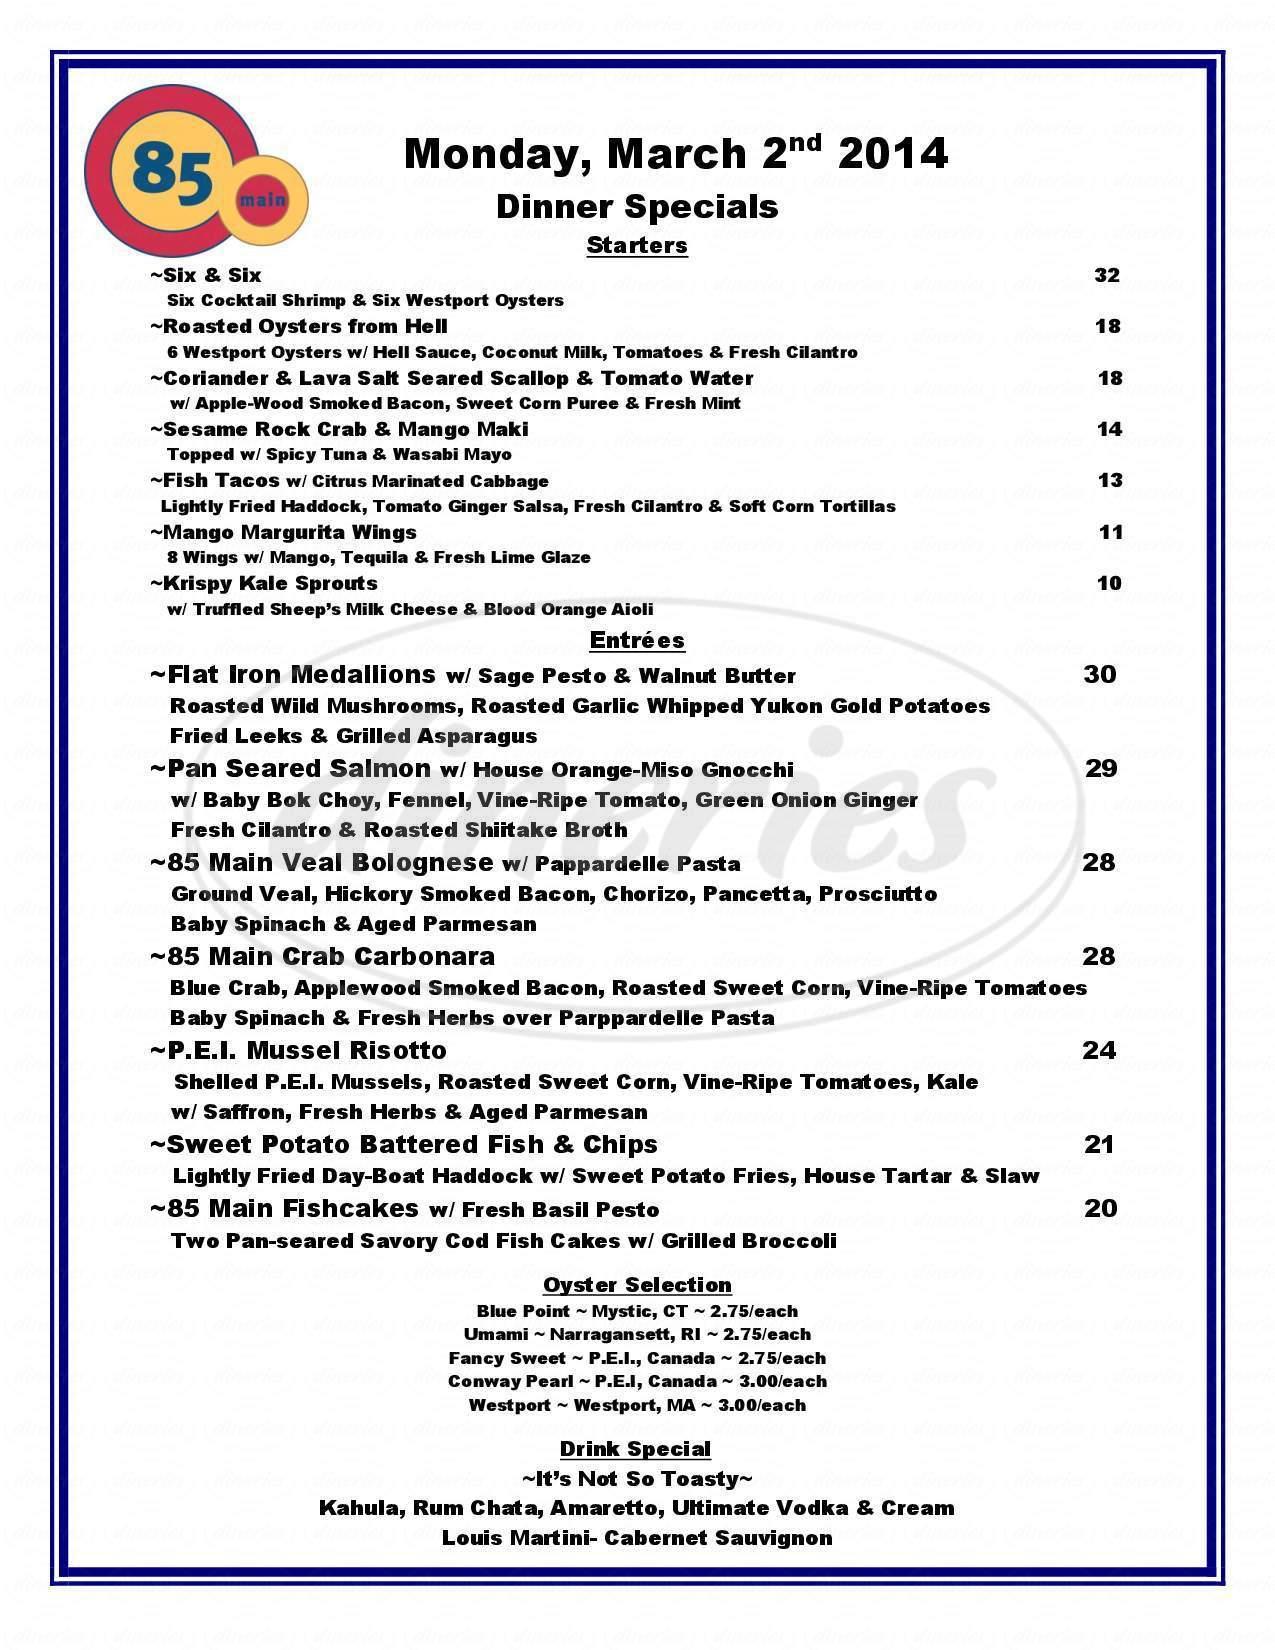 menu for 85 Main